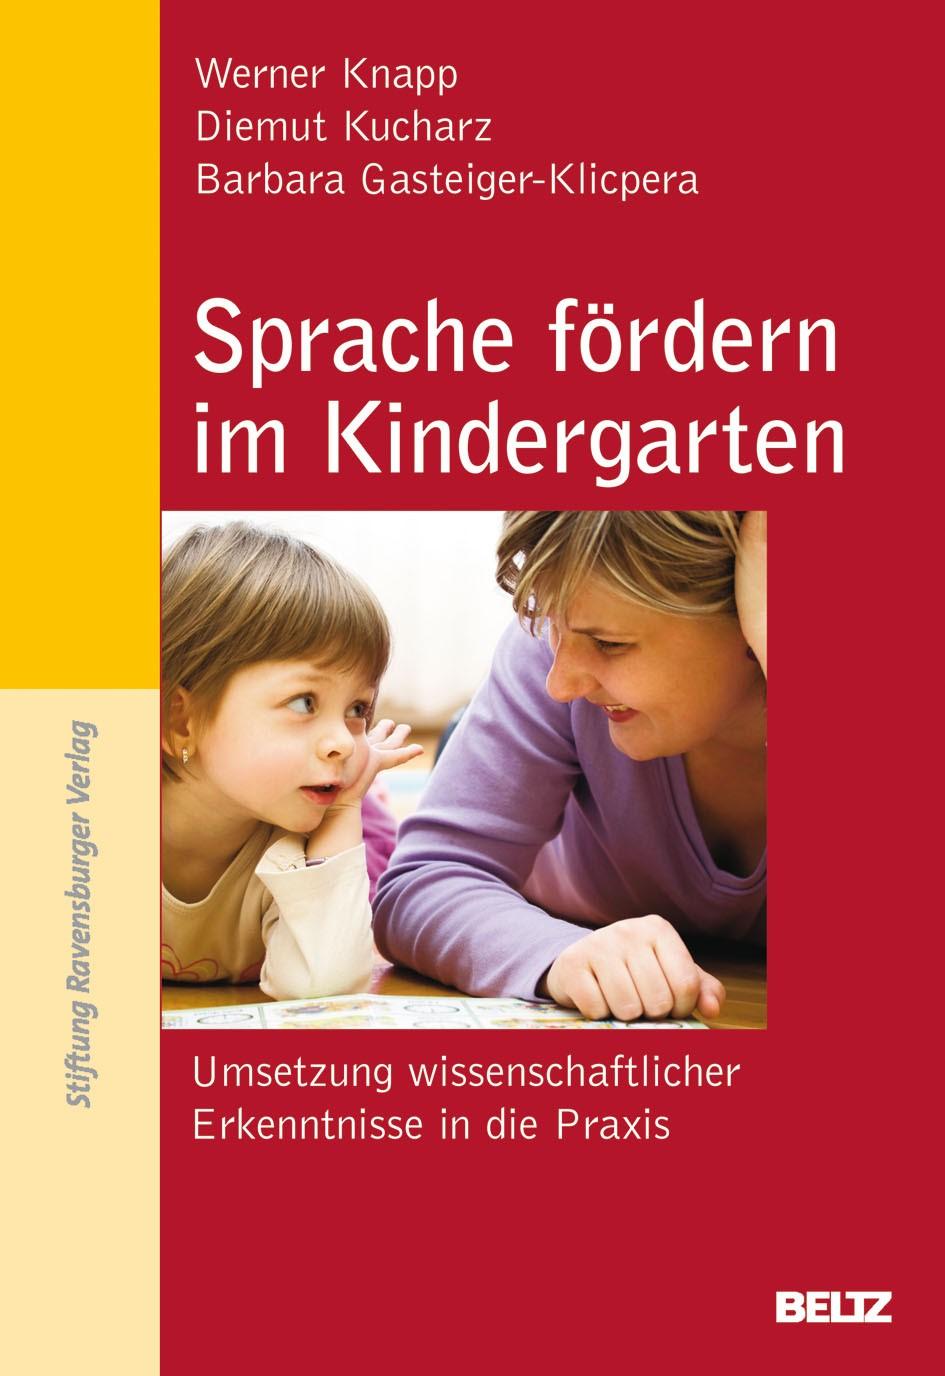 Abbildung von Knapp / Kucharz / Gasteiger-Klicpera   Sprache fördern im Kindergarten   2010